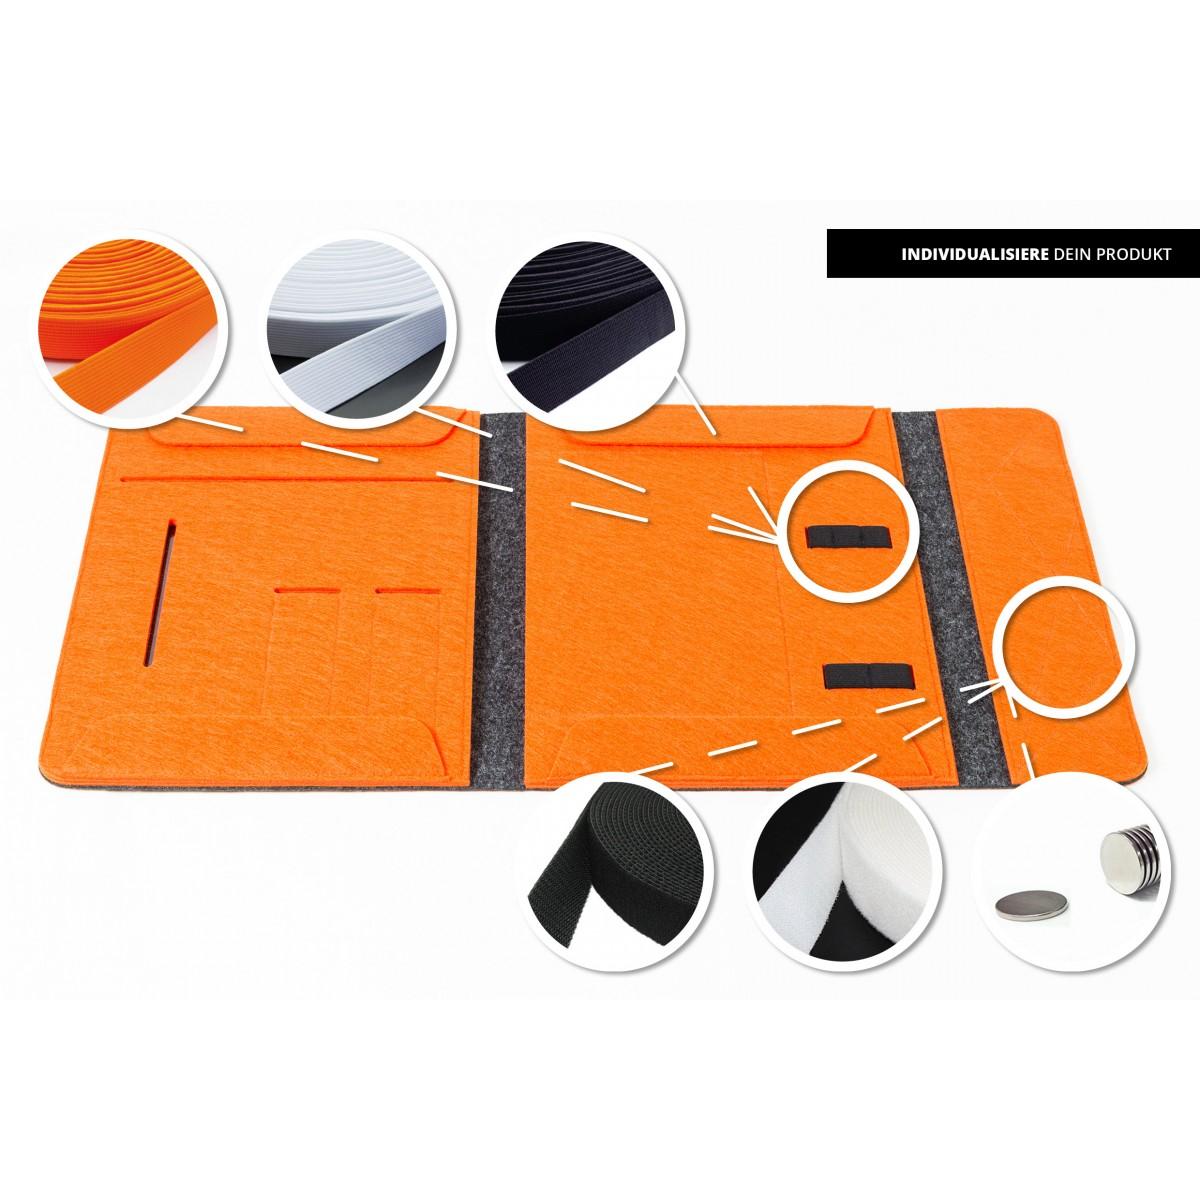 RÅVARE Dokumentenmappe für A4-Dokumente, Kalender, Planer und Tablet ≤12.3″ in grau-orange [HENNE]